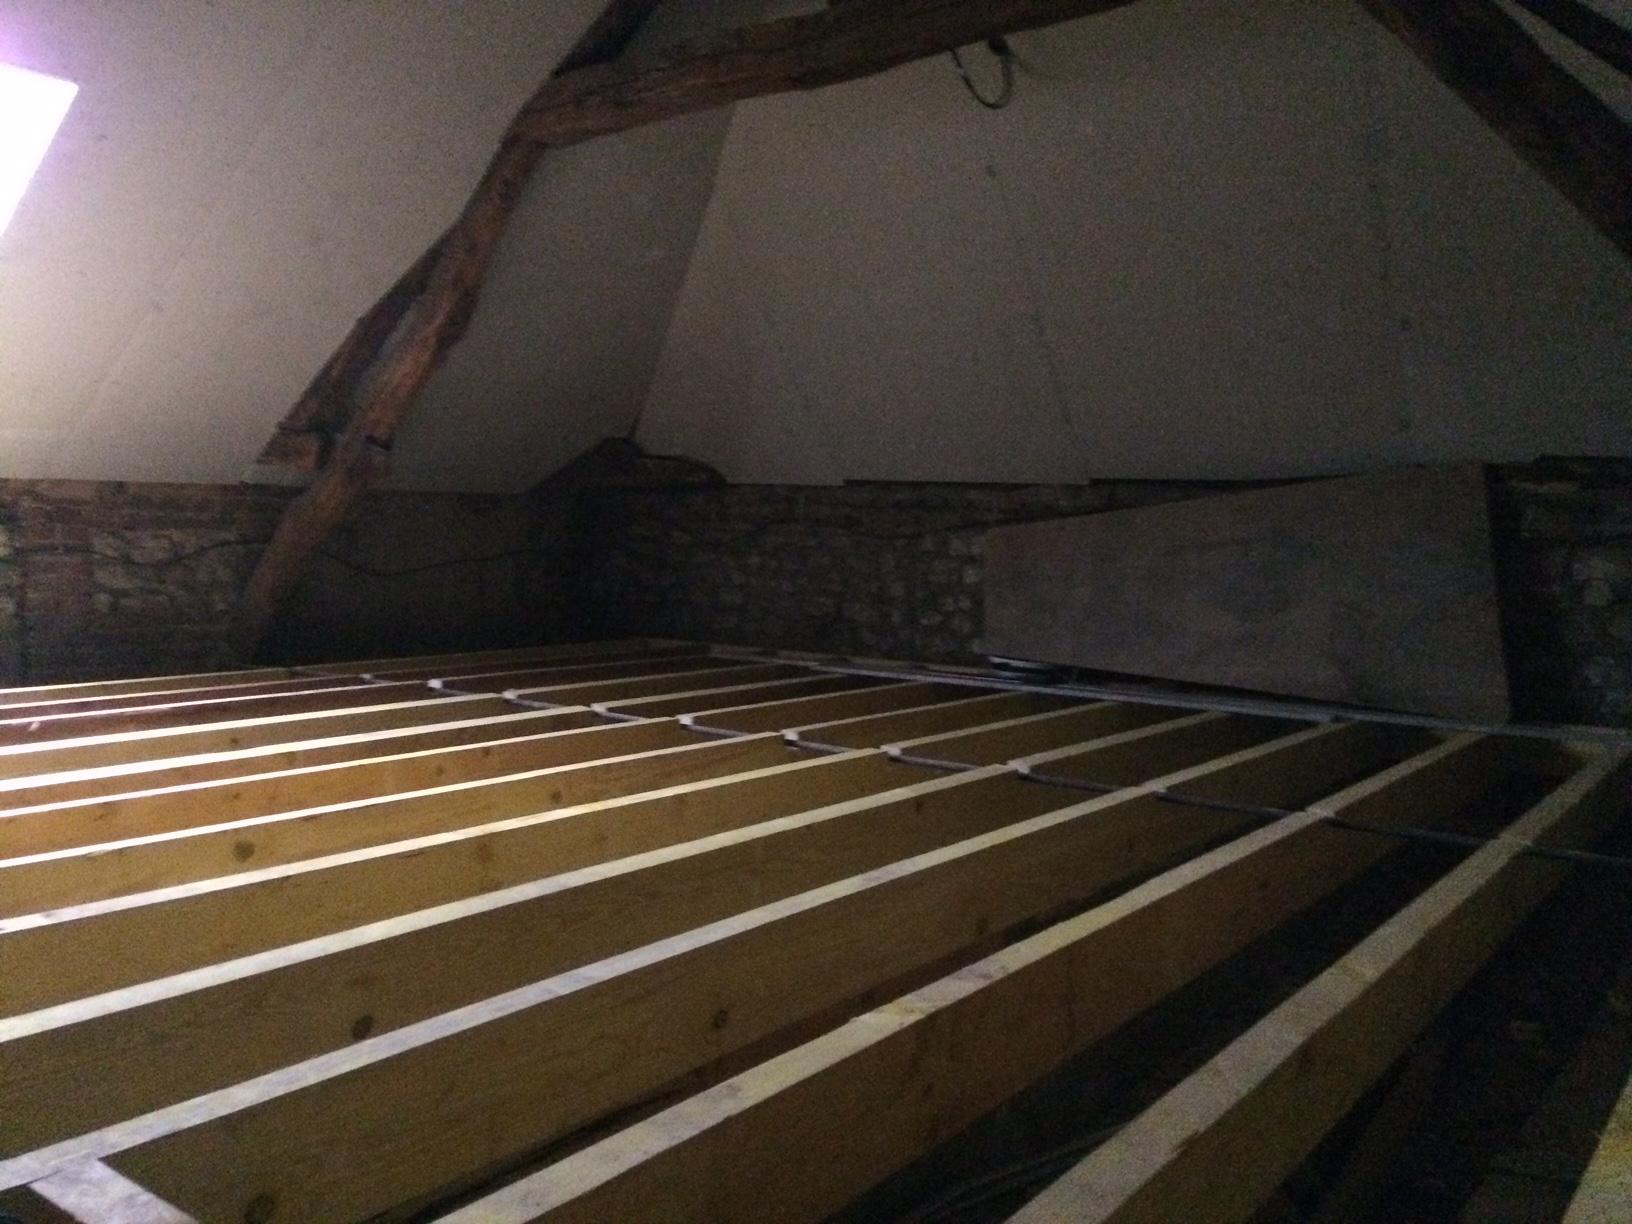 Mise en place d'un Solivage toute surface en reprise et rectification d'un plancher à Oissel près de Rouen